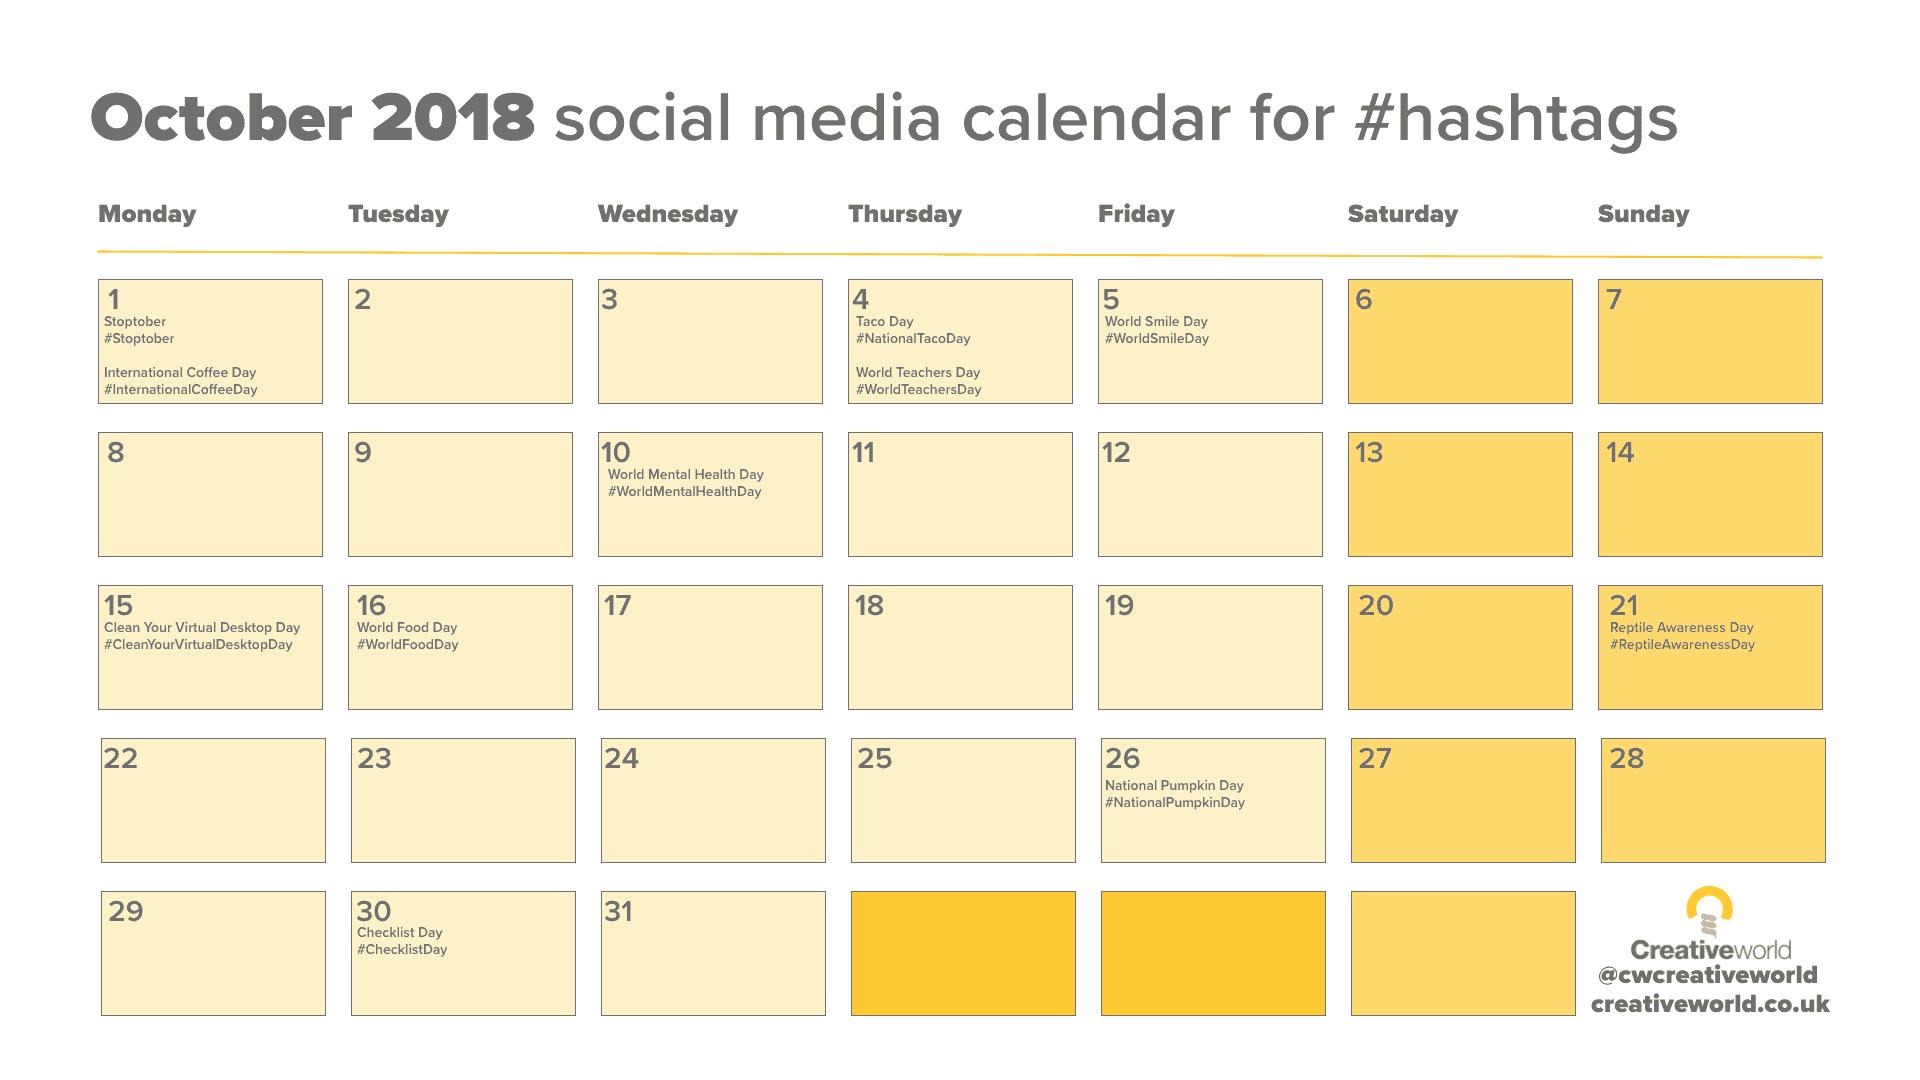 October Social Media Calendar 2018